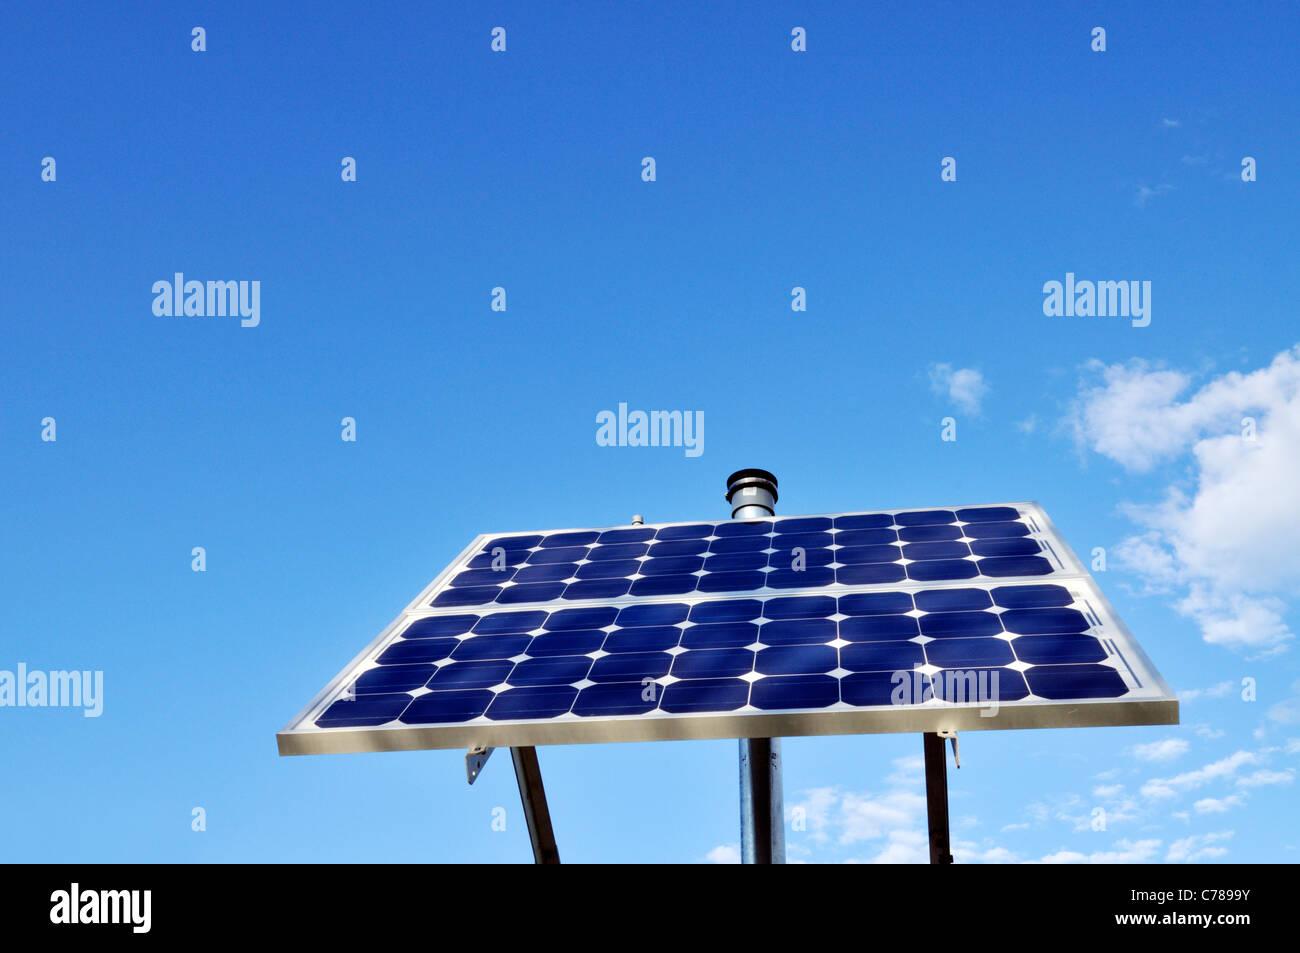 Panel solar recogiendo los Suns energía en día soleado cielo azul, USA. Imagen De Stock